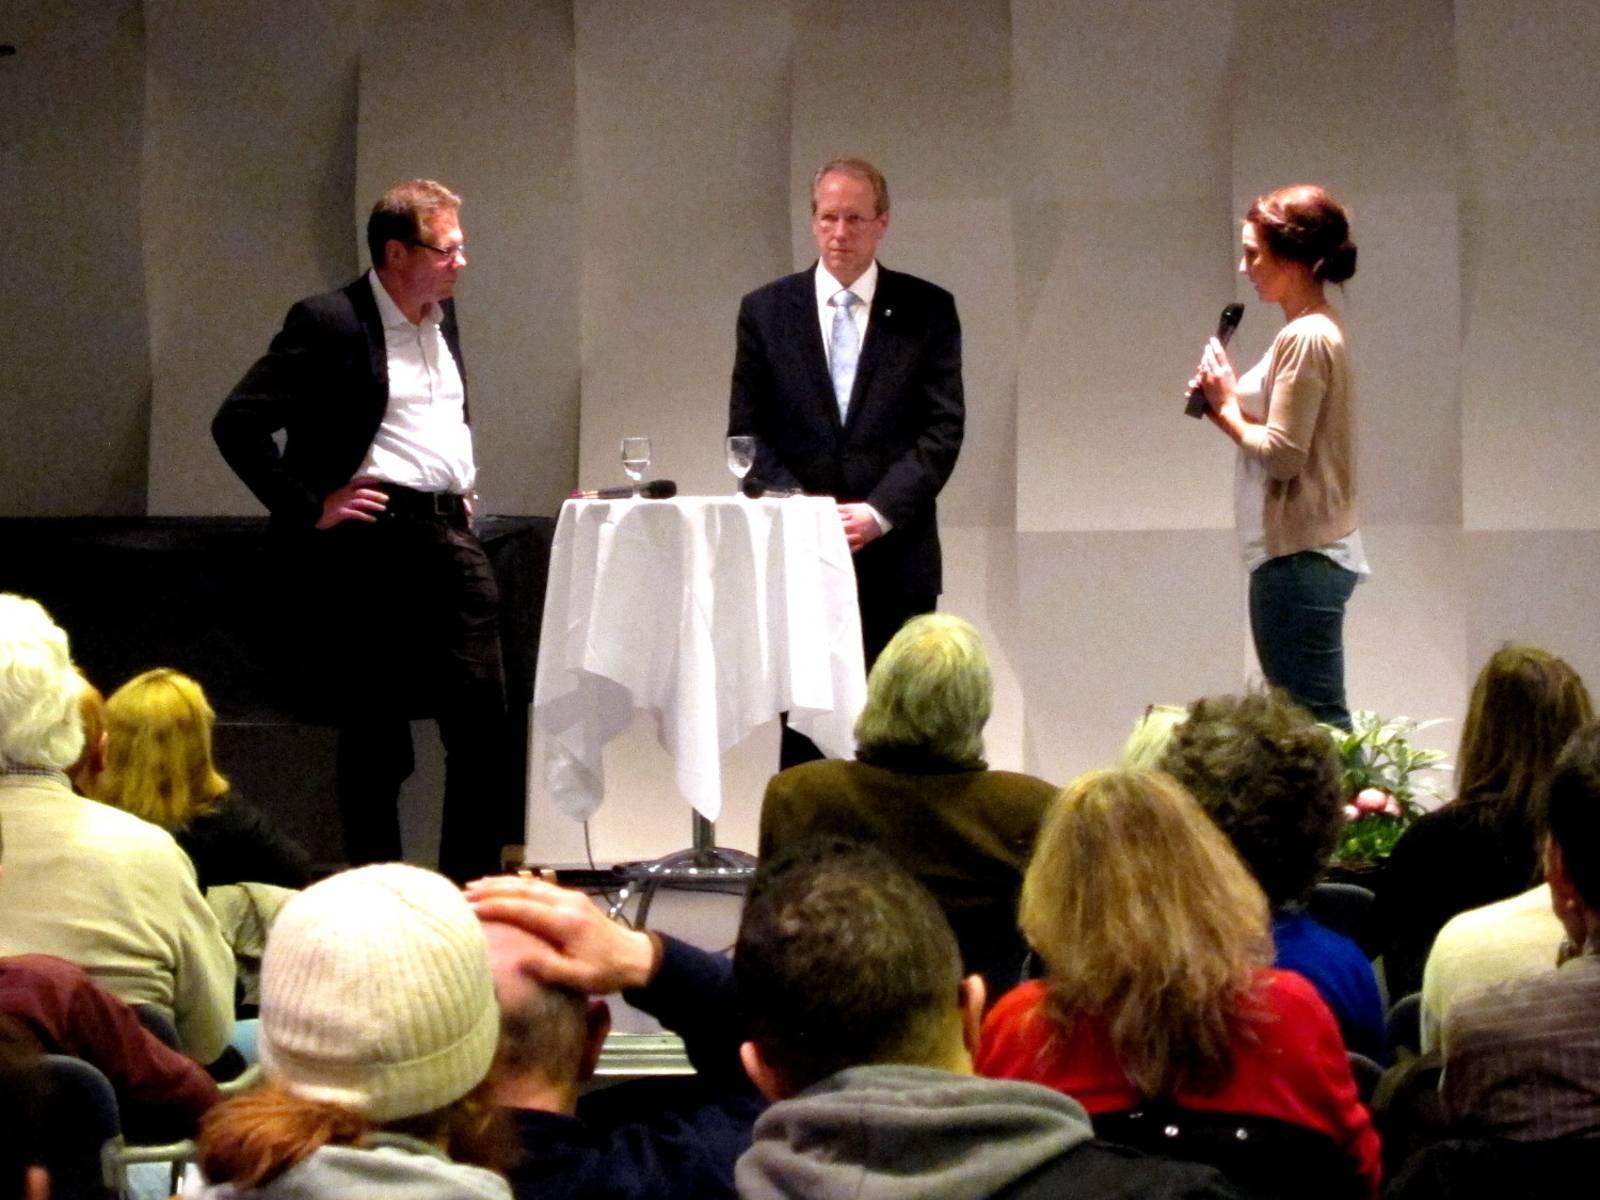 Drei Personen stehen auf einer Bühne an einem runden Stehtisch, die Moderatorin rechts hält ein Mikrofon in der Hand und spricht den beiden Männern zugewandt. Unten im Bild sieht man einen Teil der Zuhörer/innen von hinten.